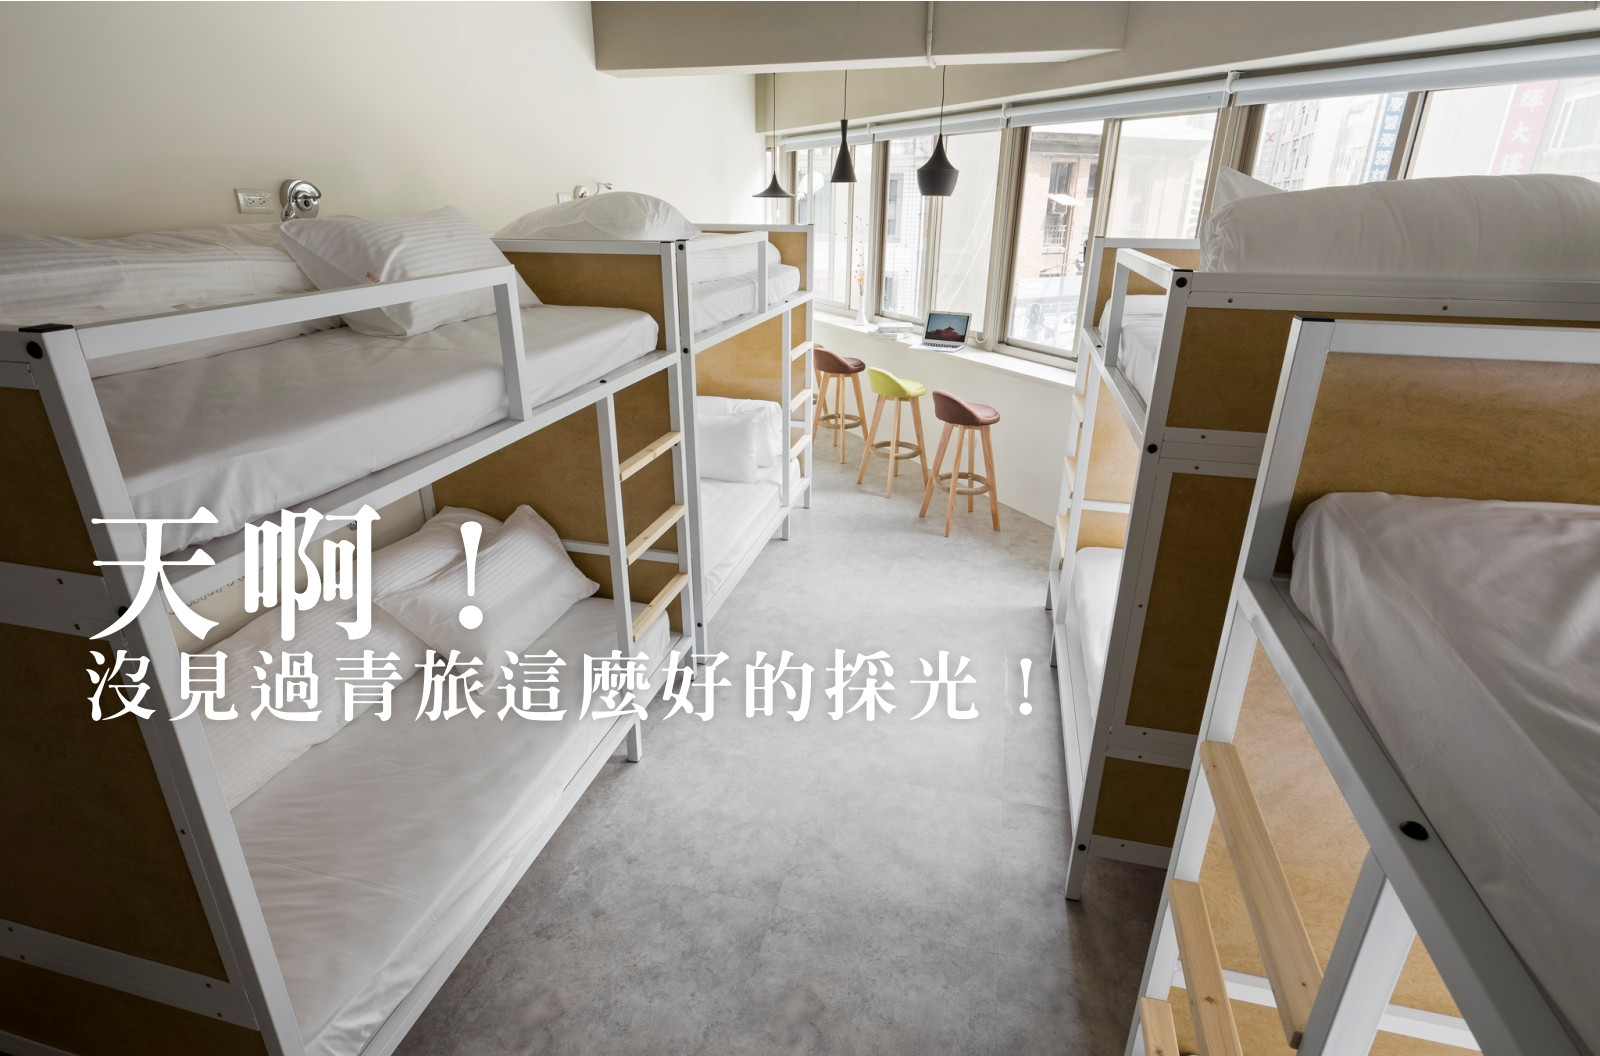 西門青年旅館推薦-西門旅館-台北109旅店